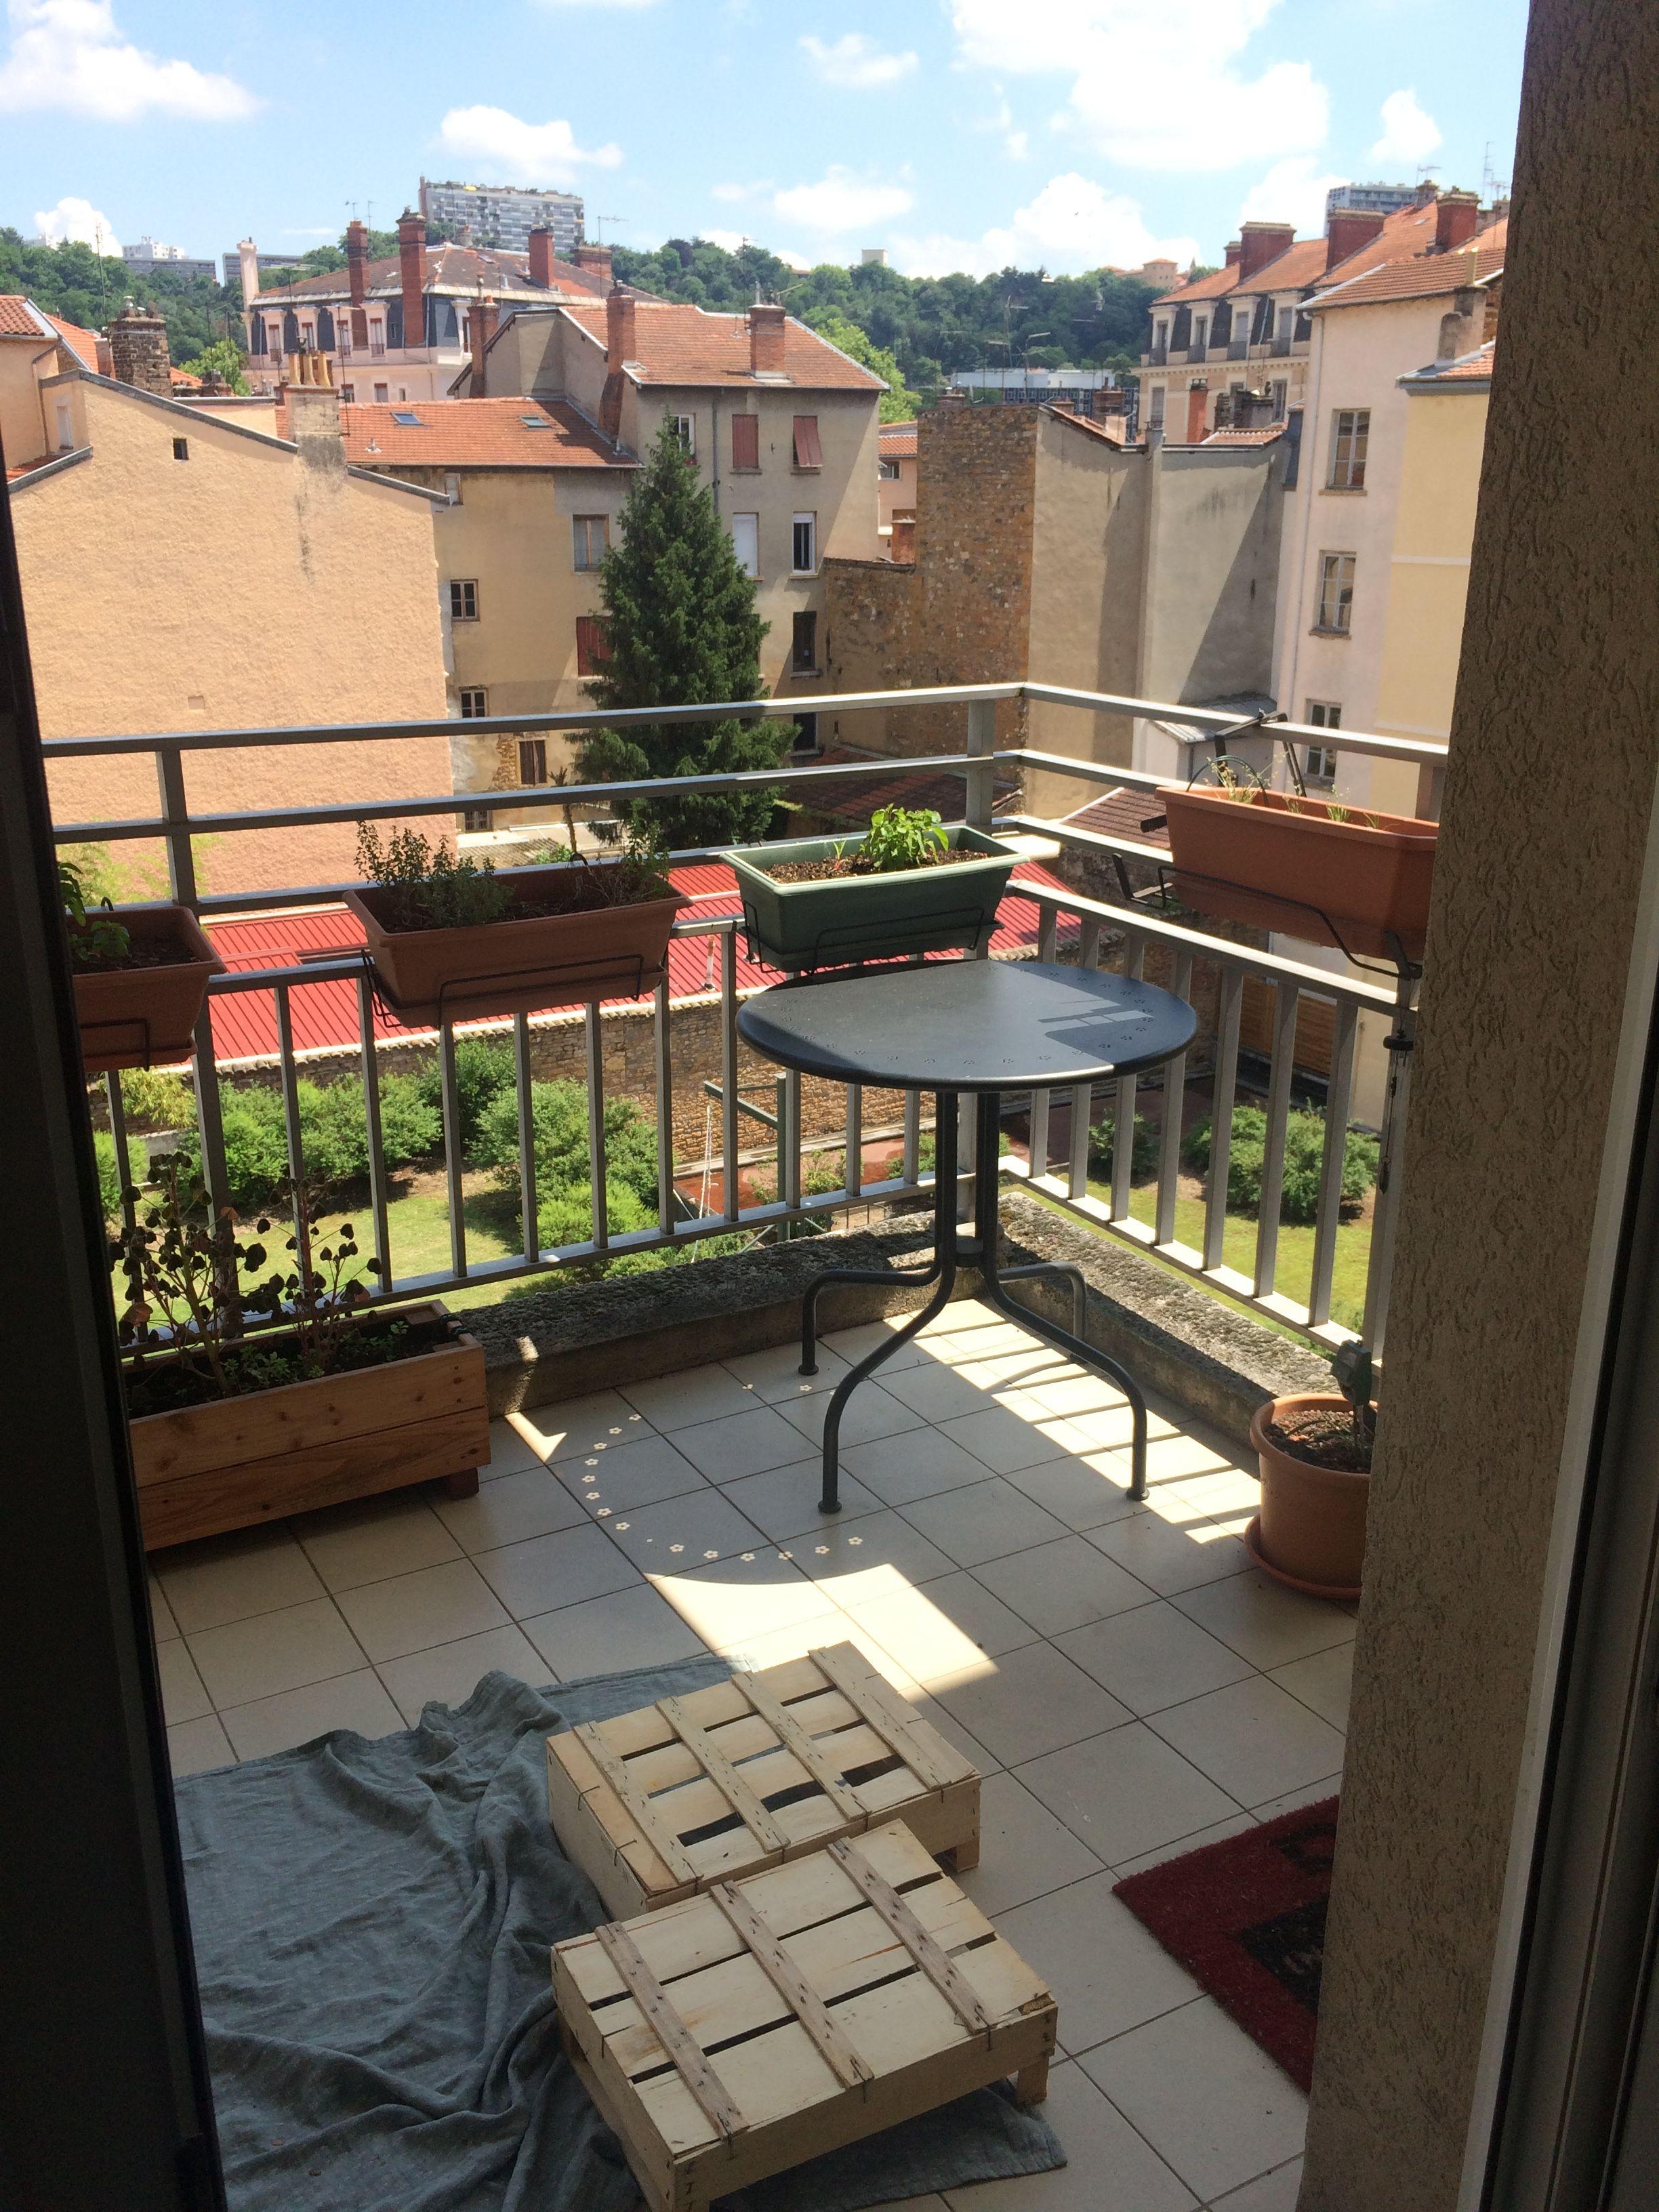 Chambre-à-louer-Lyon 9ème arrondissement-Jorge_45